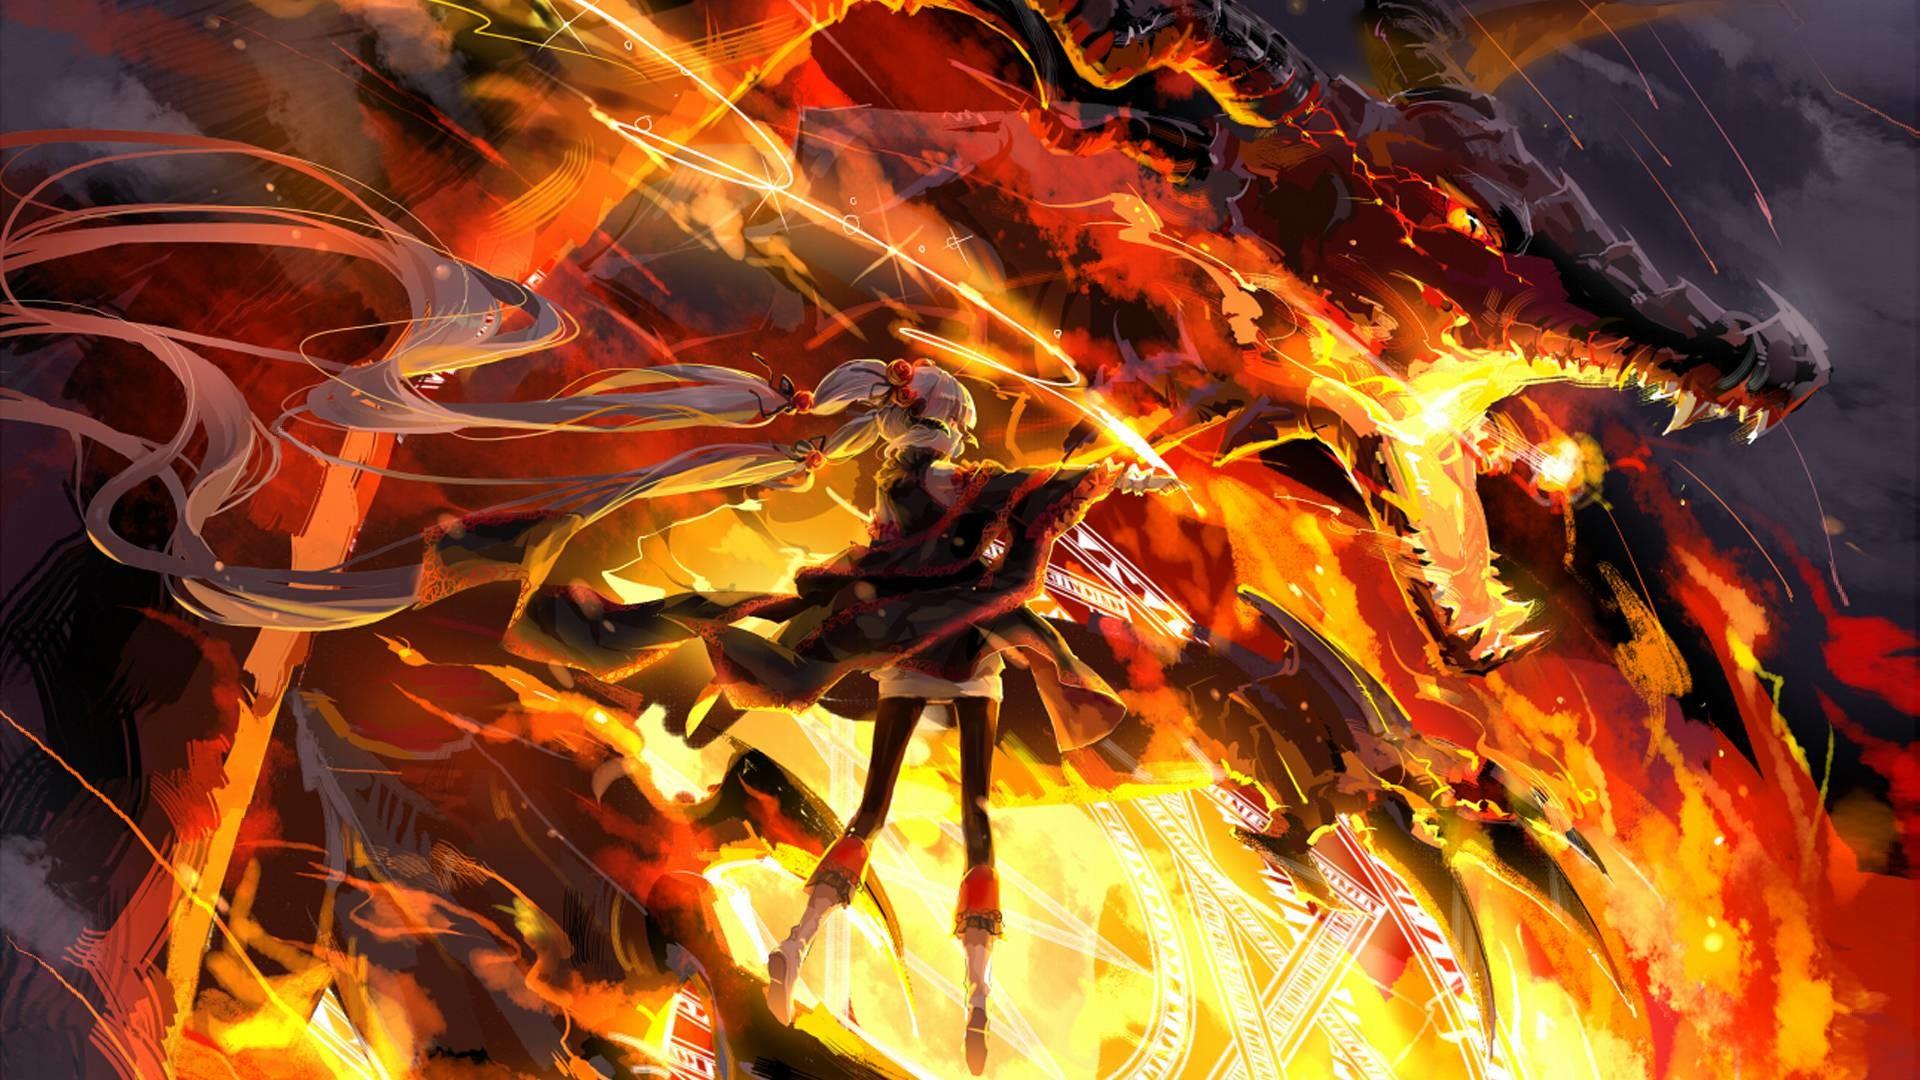 3d Fire Dragon Wallpapers | ECRG